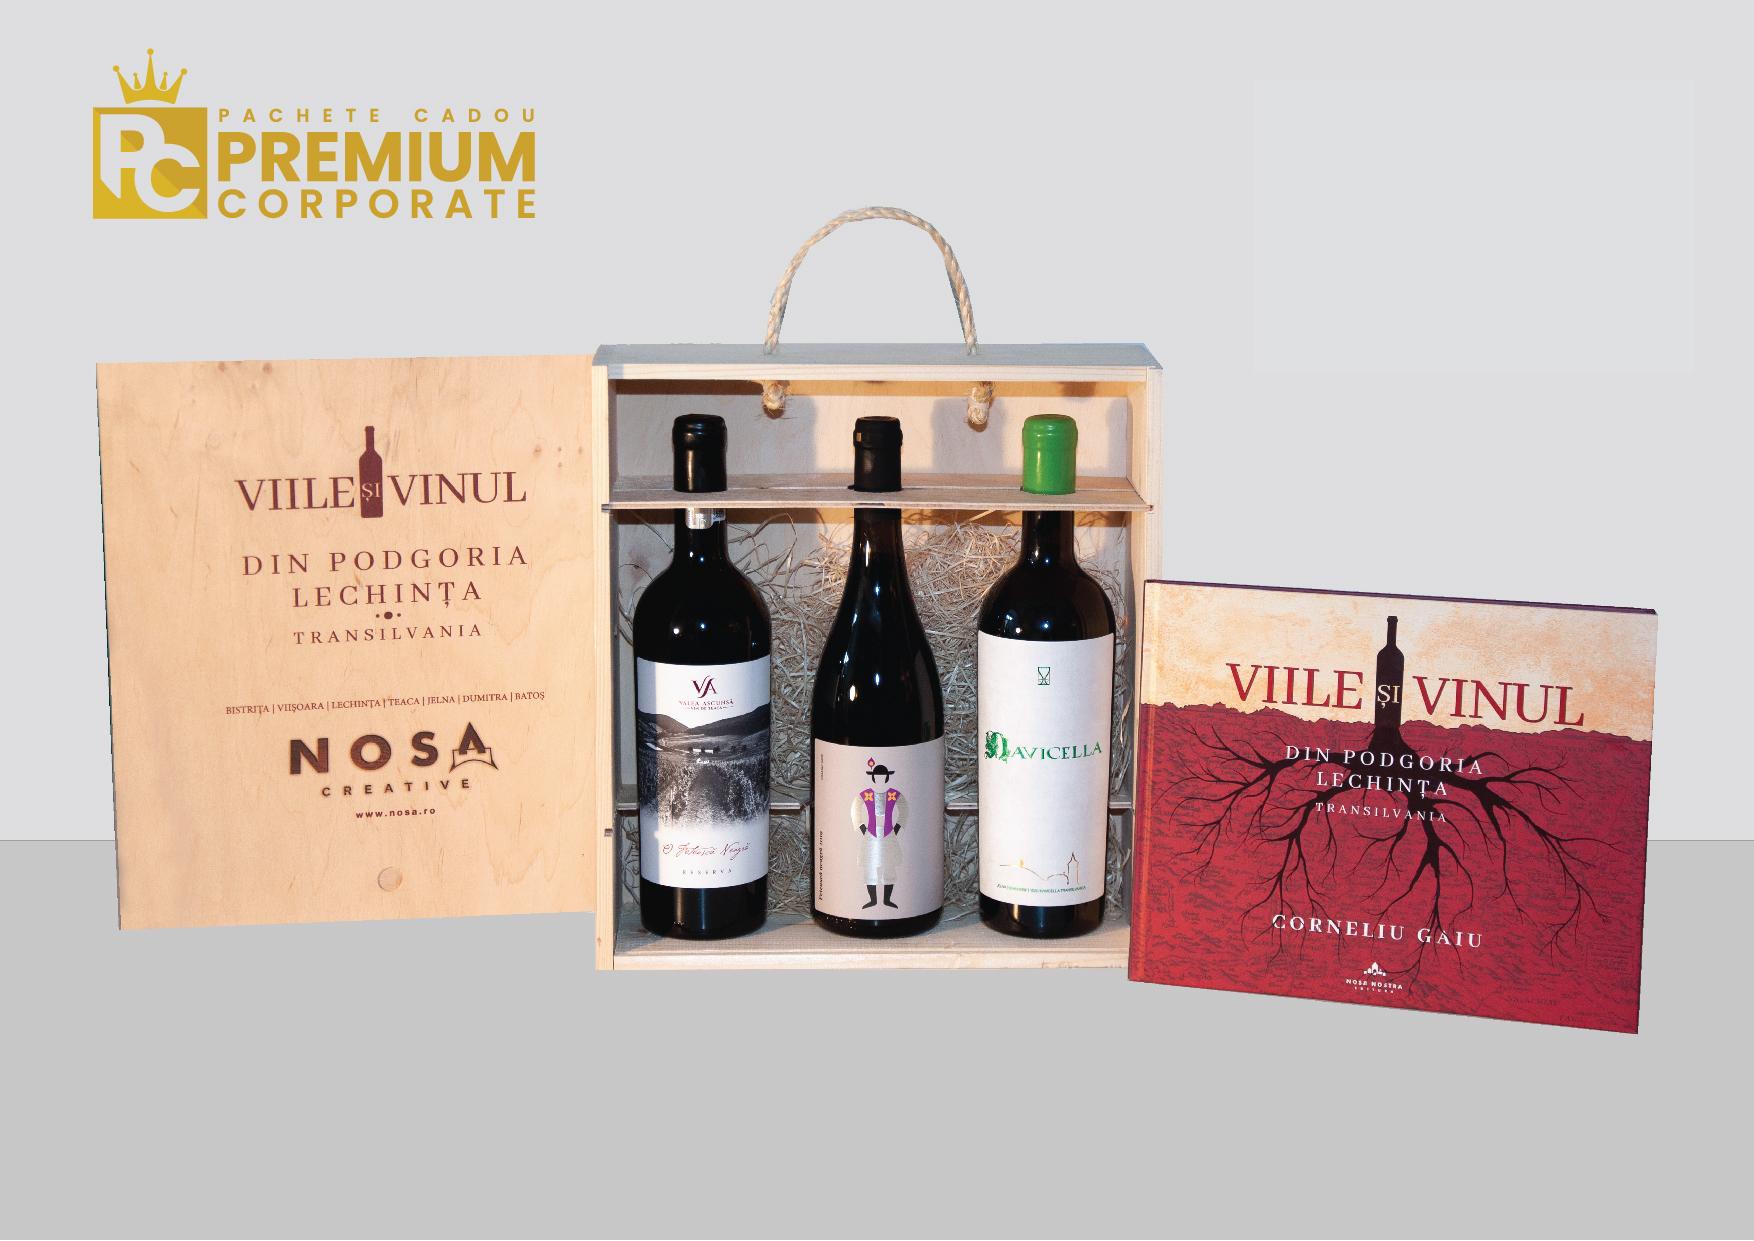 Pachet Premium Corporate 499 lei